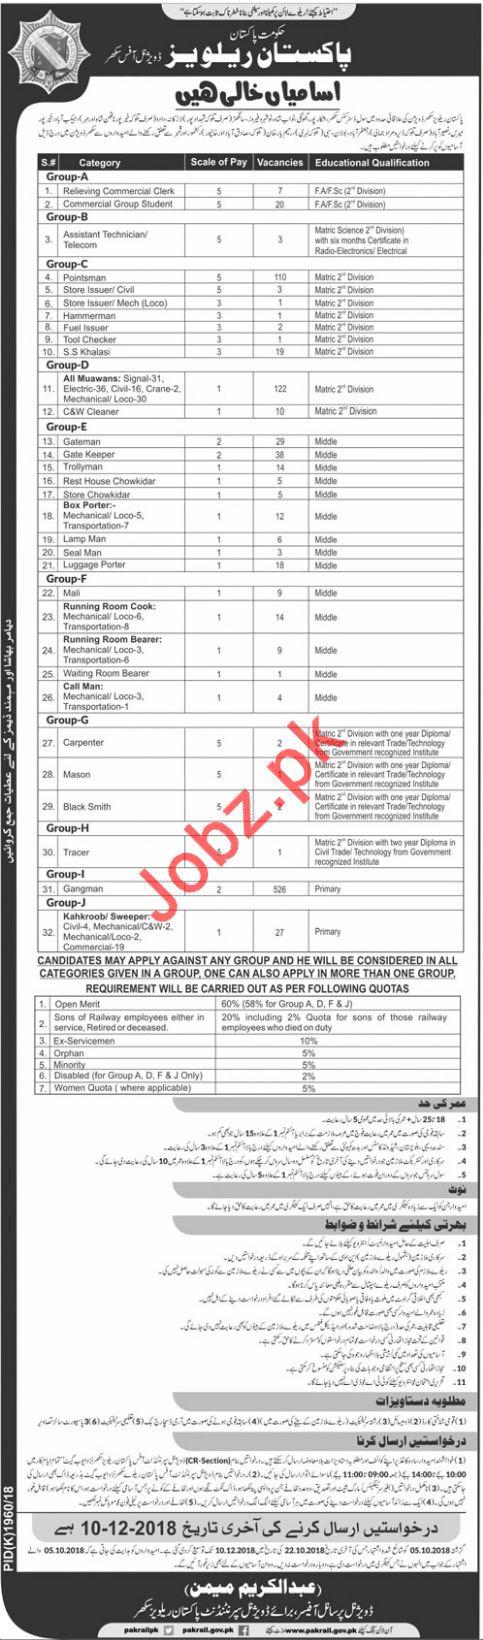 Pakistan Railways Sukkur Division Jobs 2018